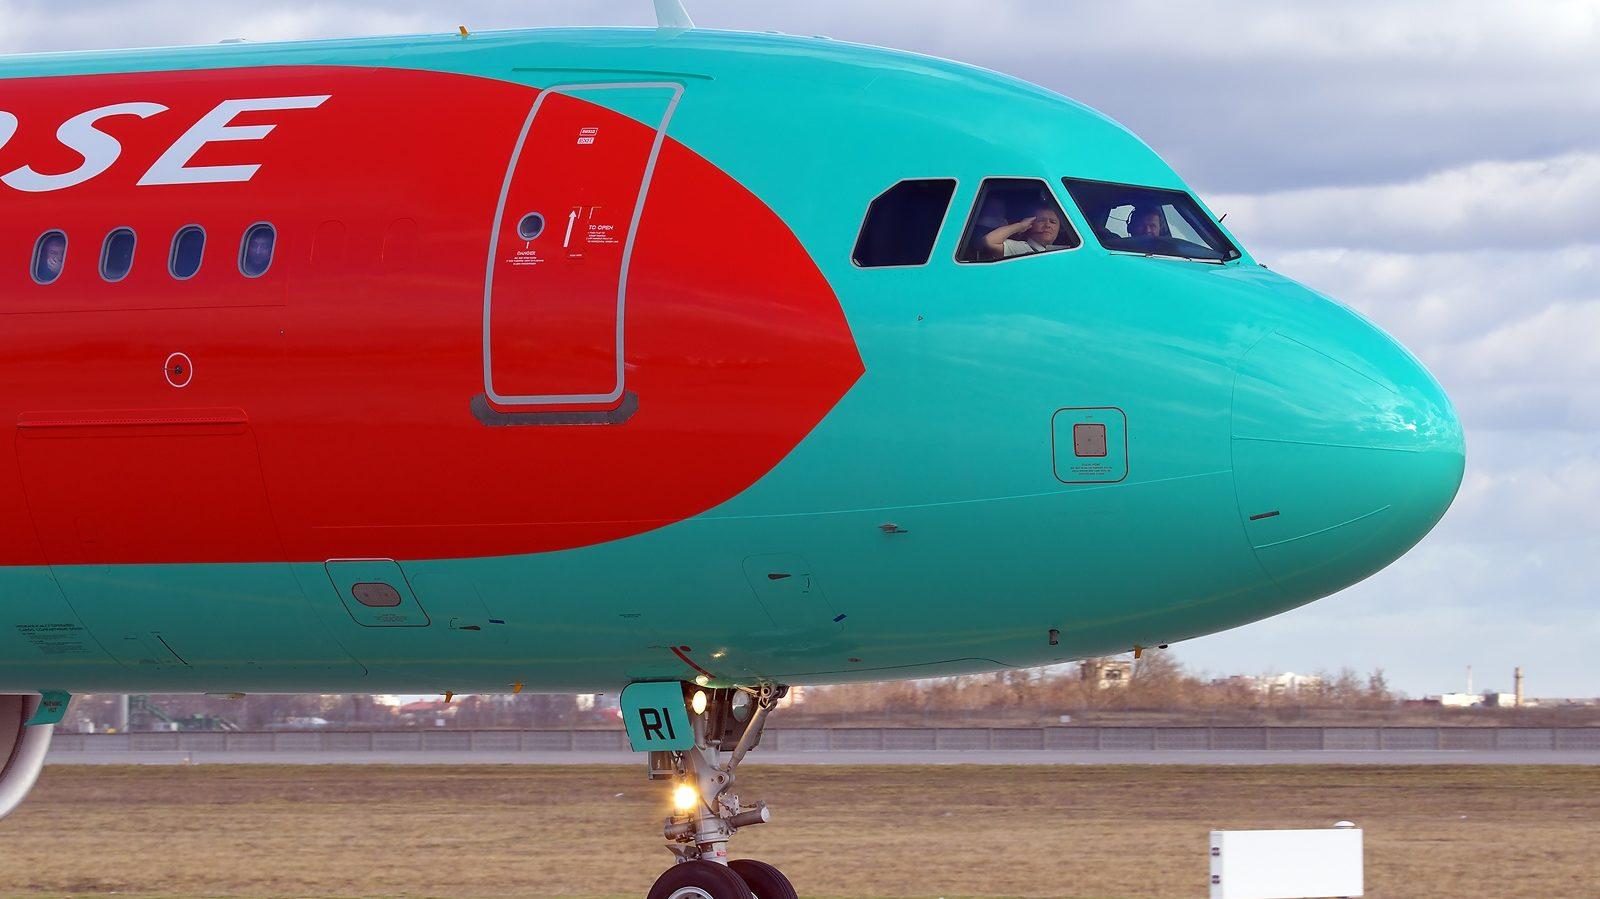 Авіакомпанія Windrose закрила свій єдиний рейс Запоріжжя - Київ